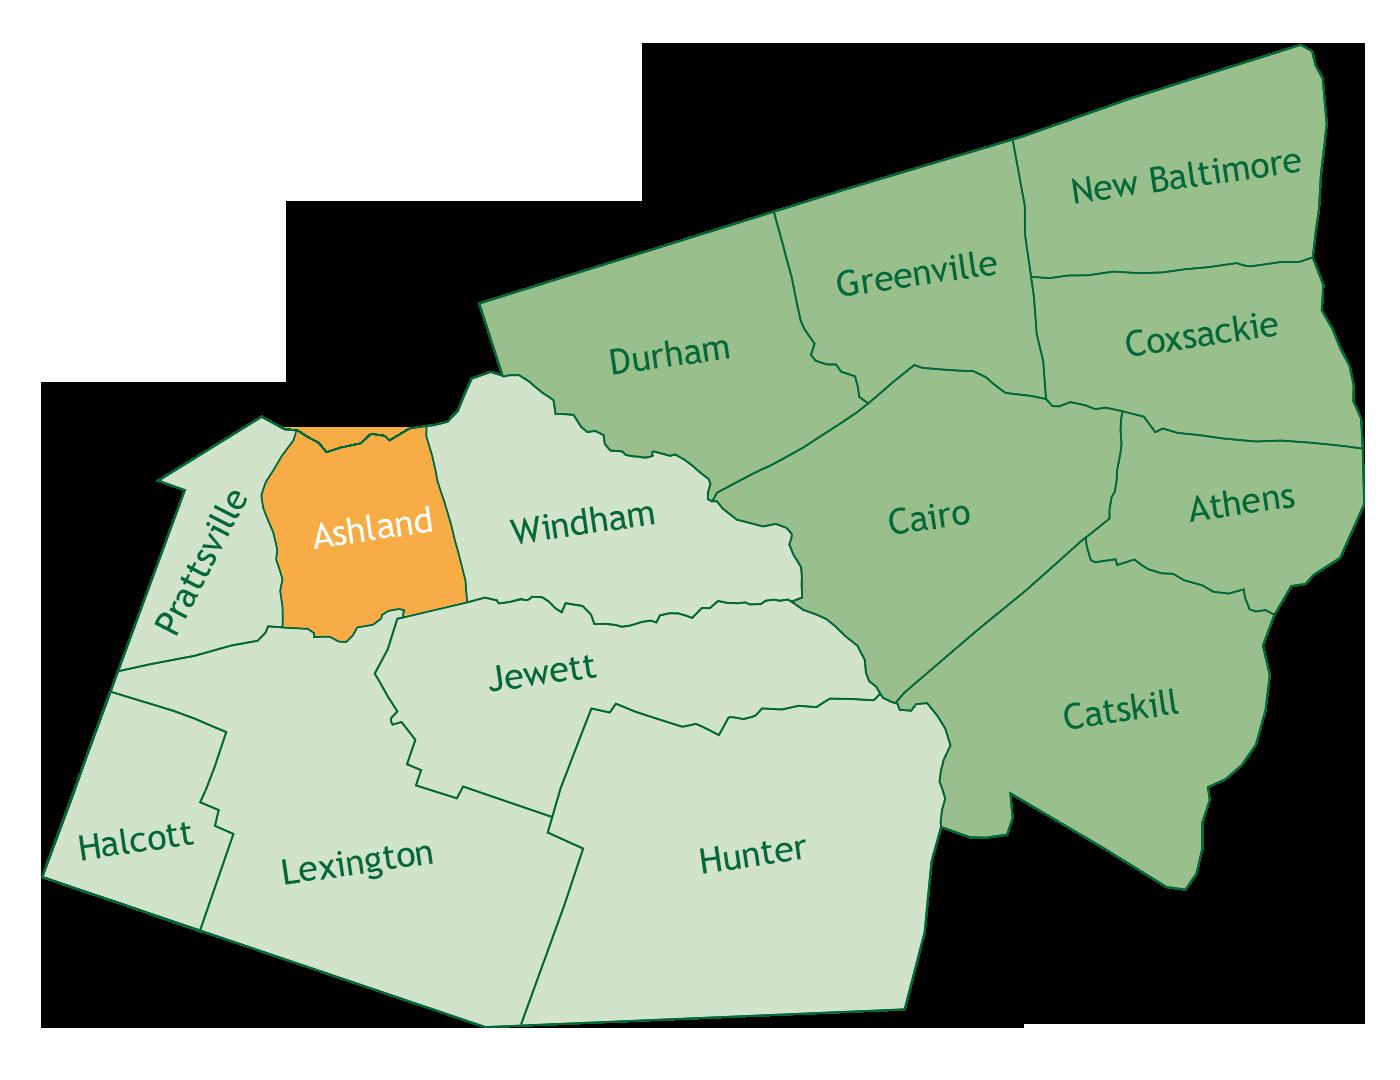 Ashland in Greene County